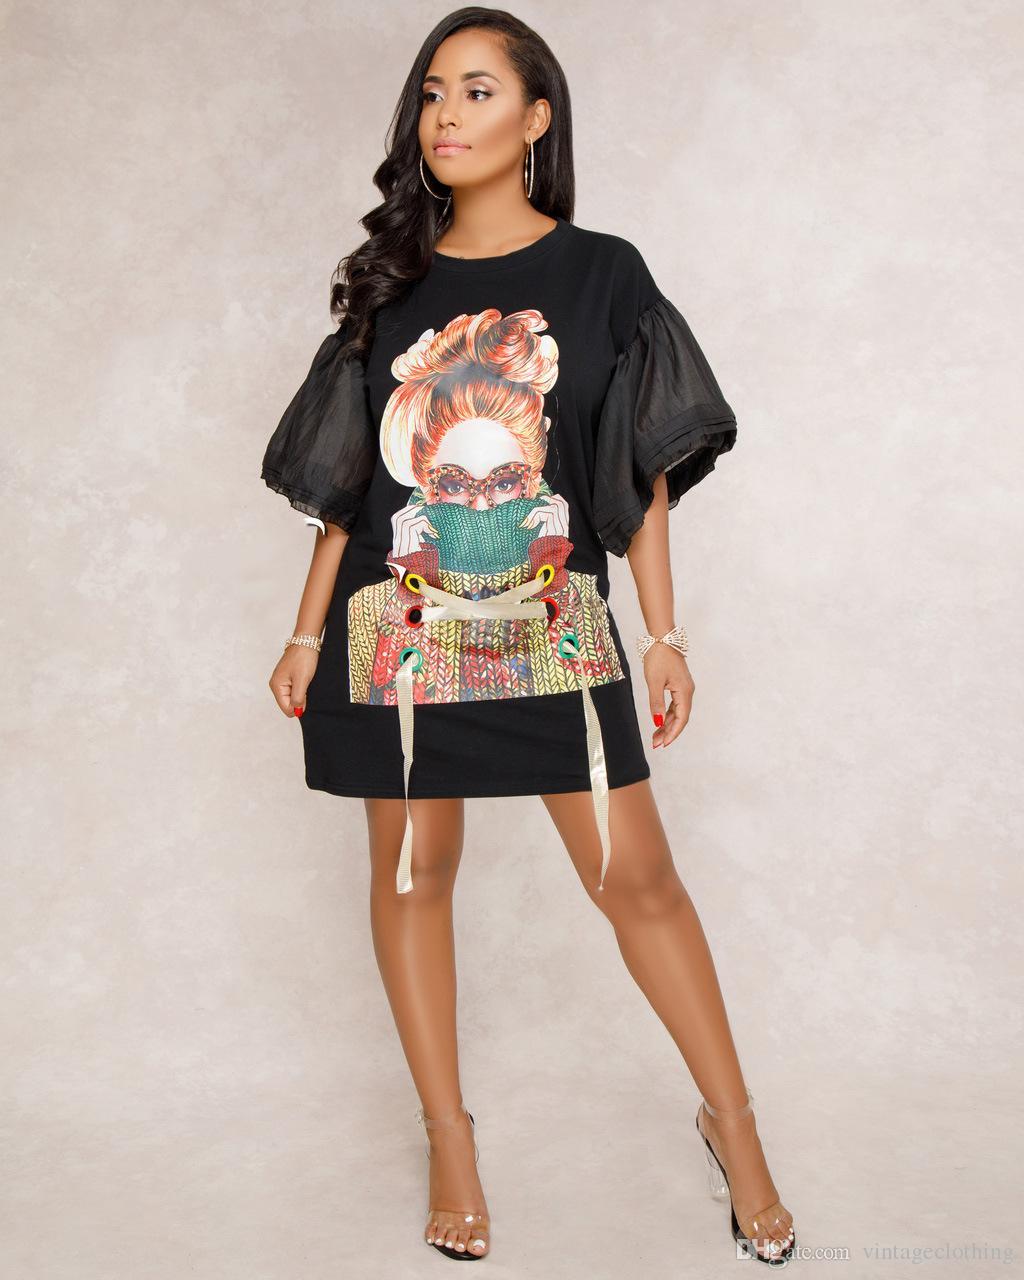 ef1422cdbf8bf Satın Al Yaz Kadın Seksi O Boyun Kısa Elbise Kısa Kollu Baskı Gevşek Mini Günlük  Elbiseler Boyutu M 2XL, $46.24 | DHgate.Com'da